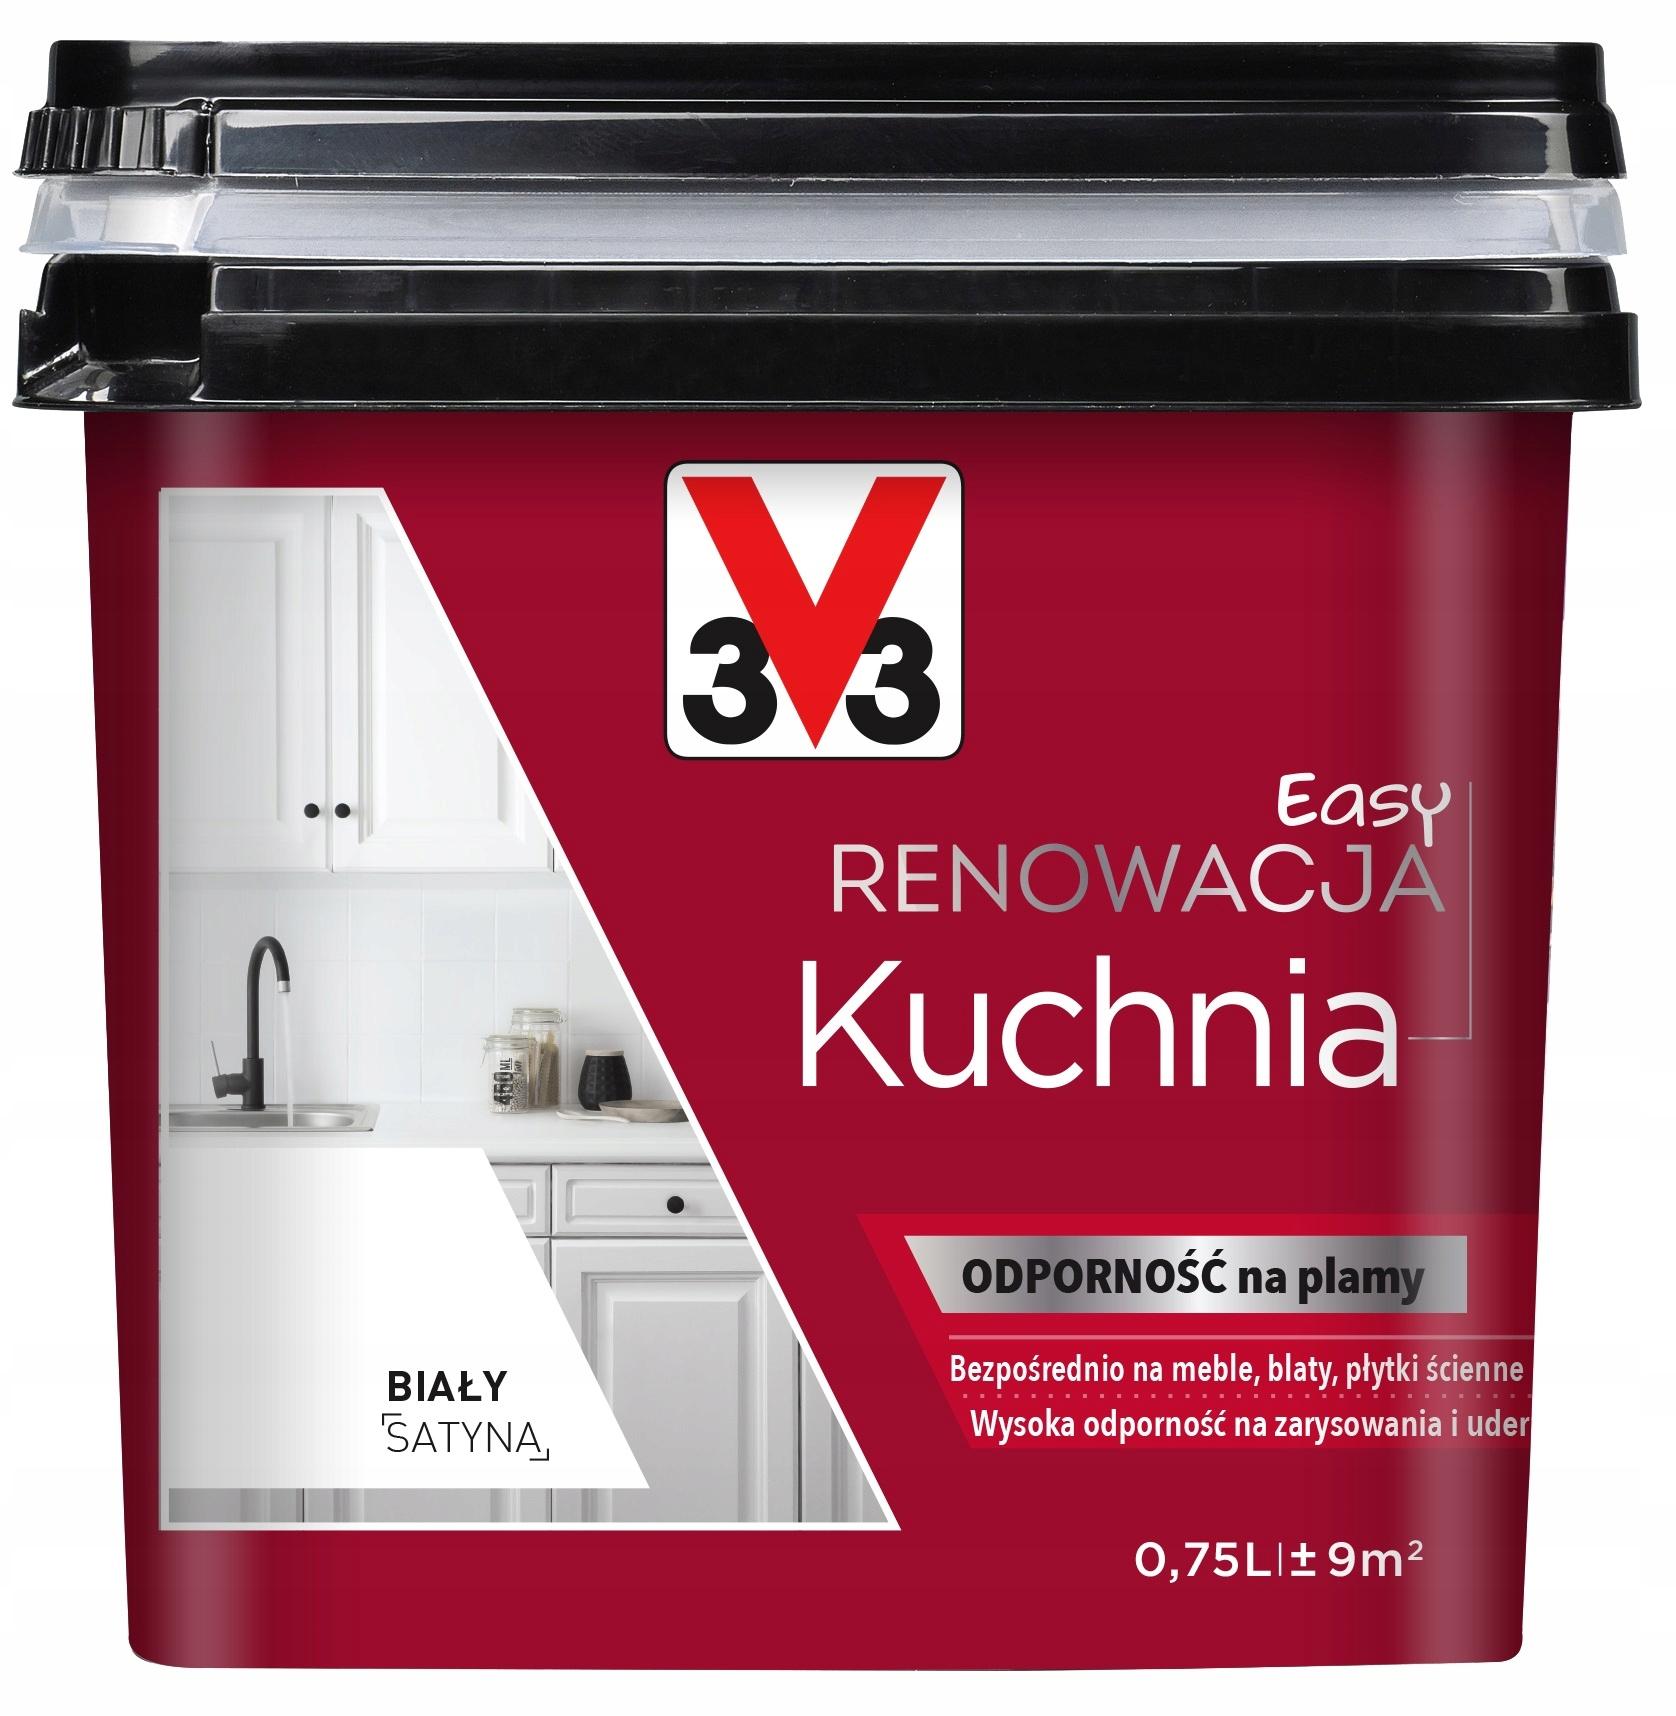 V33 Farba Renowacja Kuchnia Meble Kuchenne 750ml 6057796493 Allegro Pl